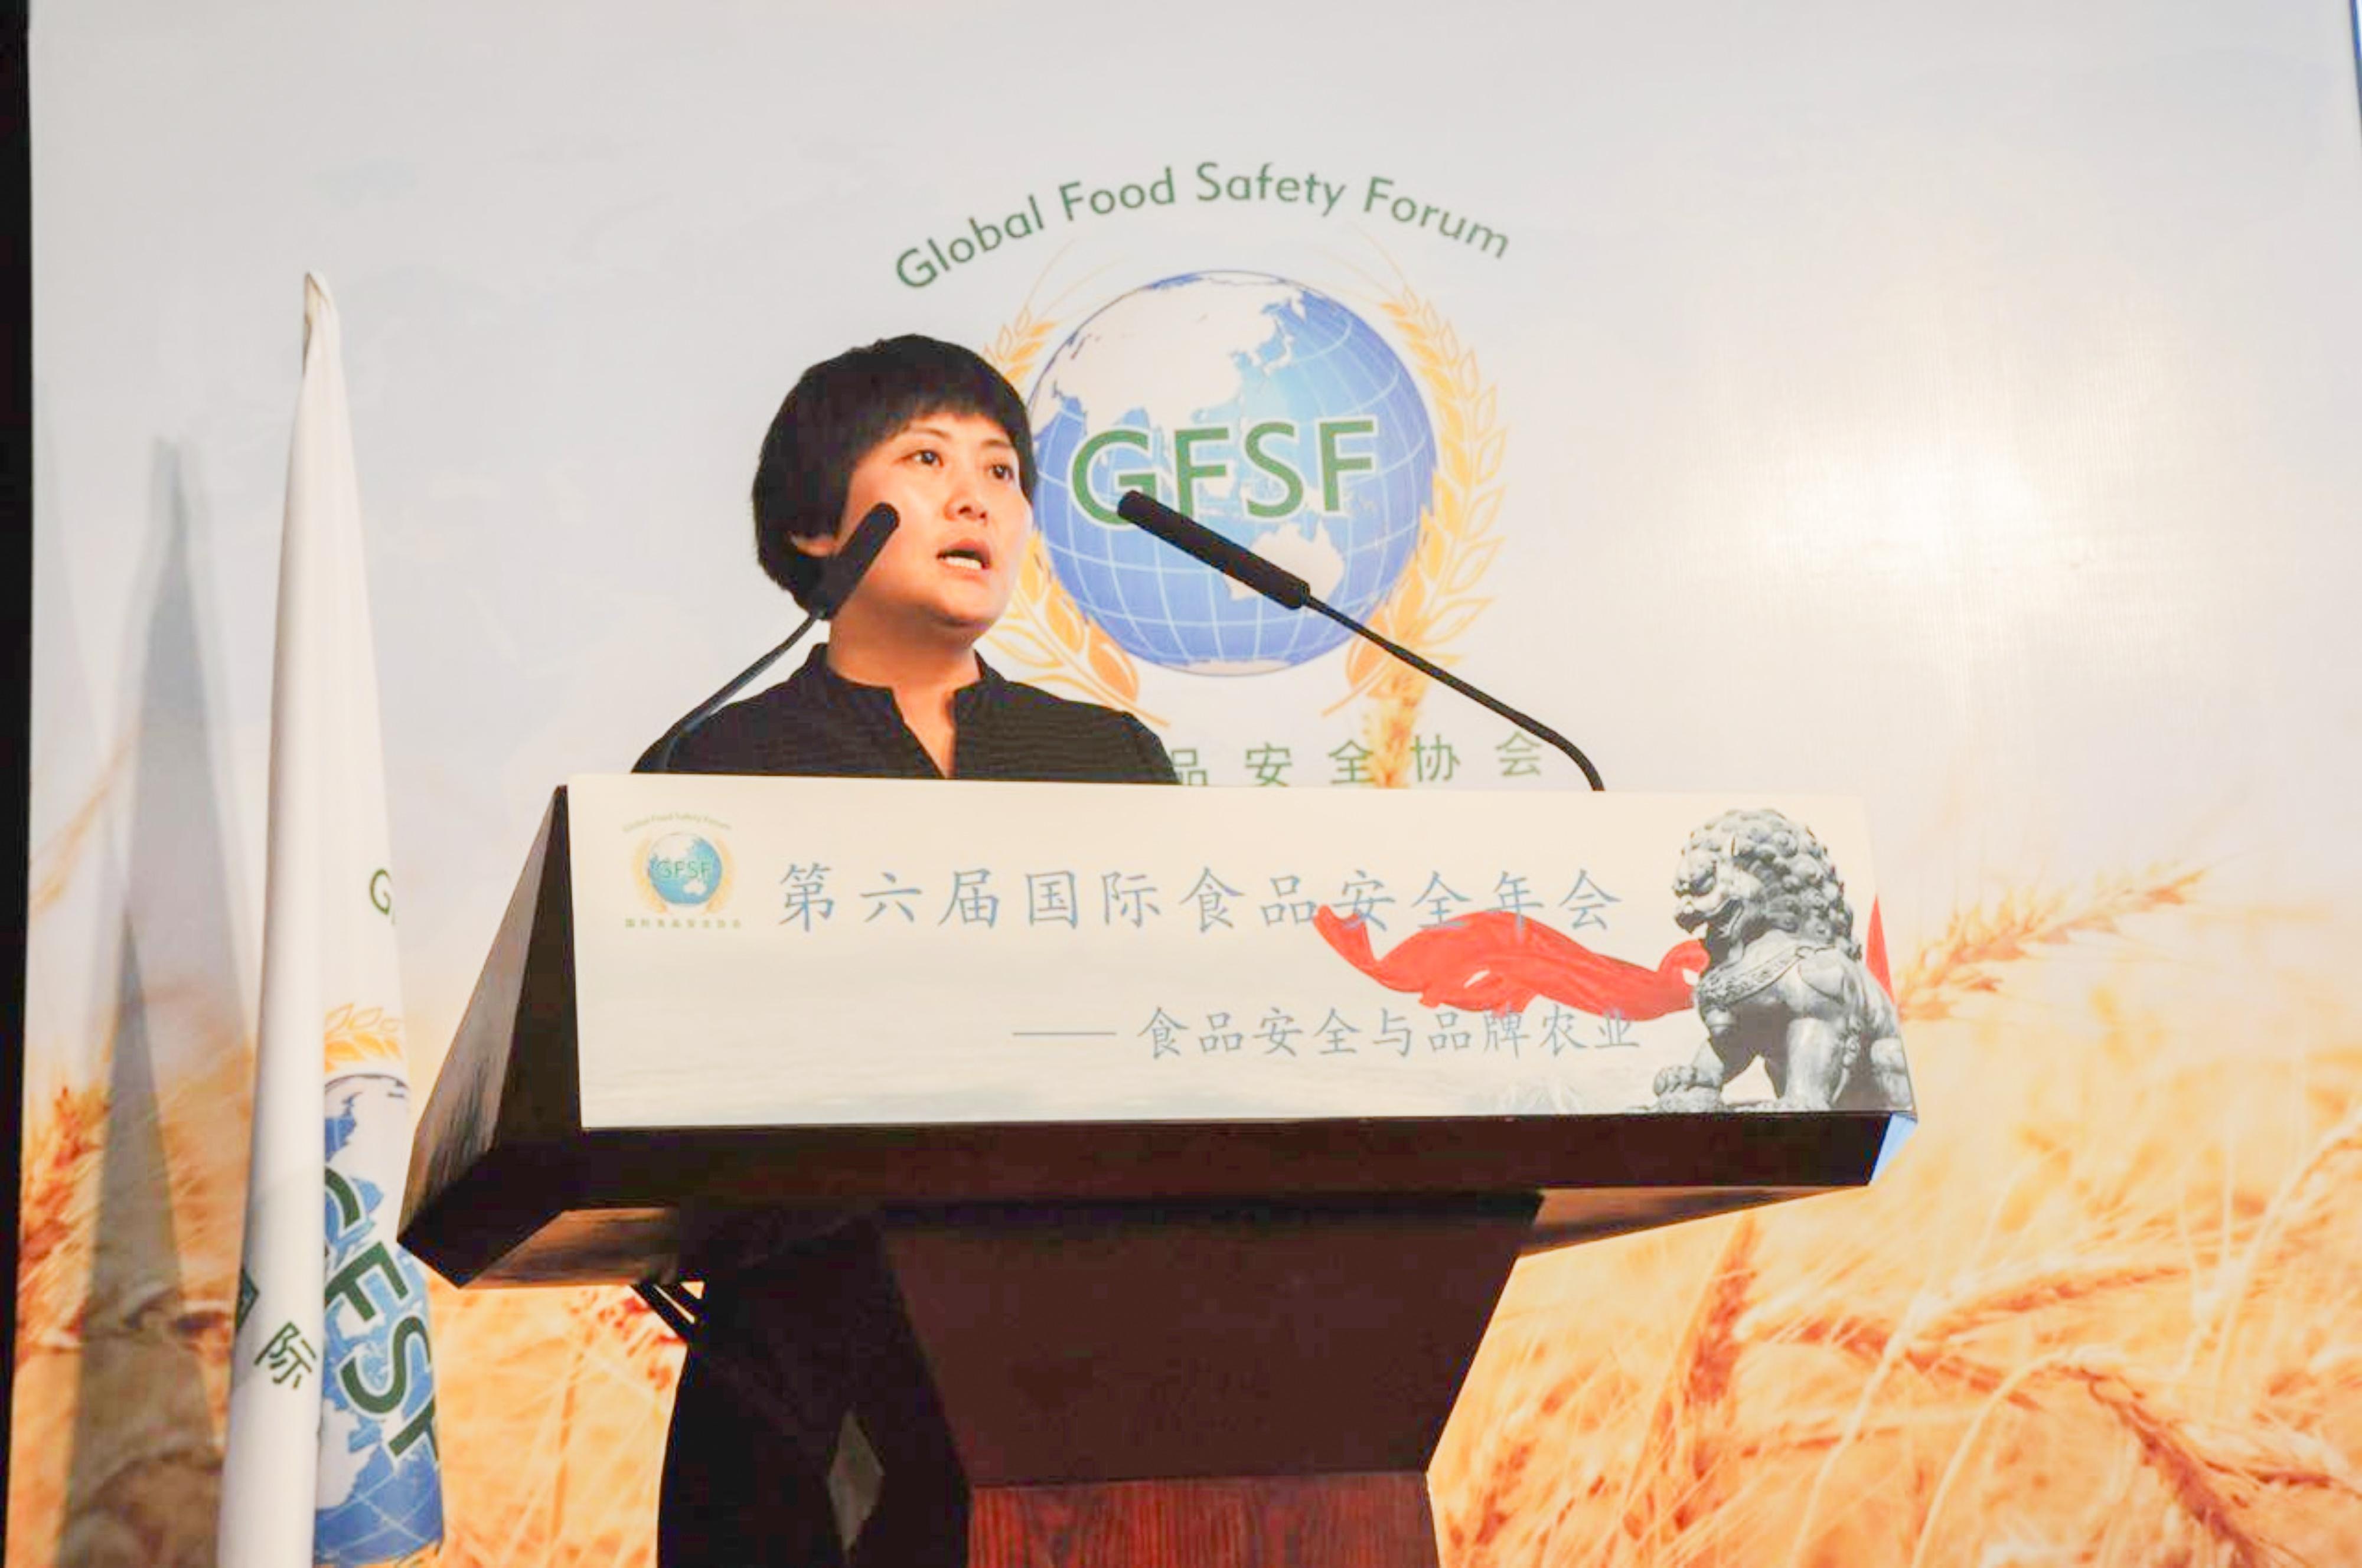 河南糖果派对注册参加第六届国家食品安全年会,并受邀加入国际食品安全协会